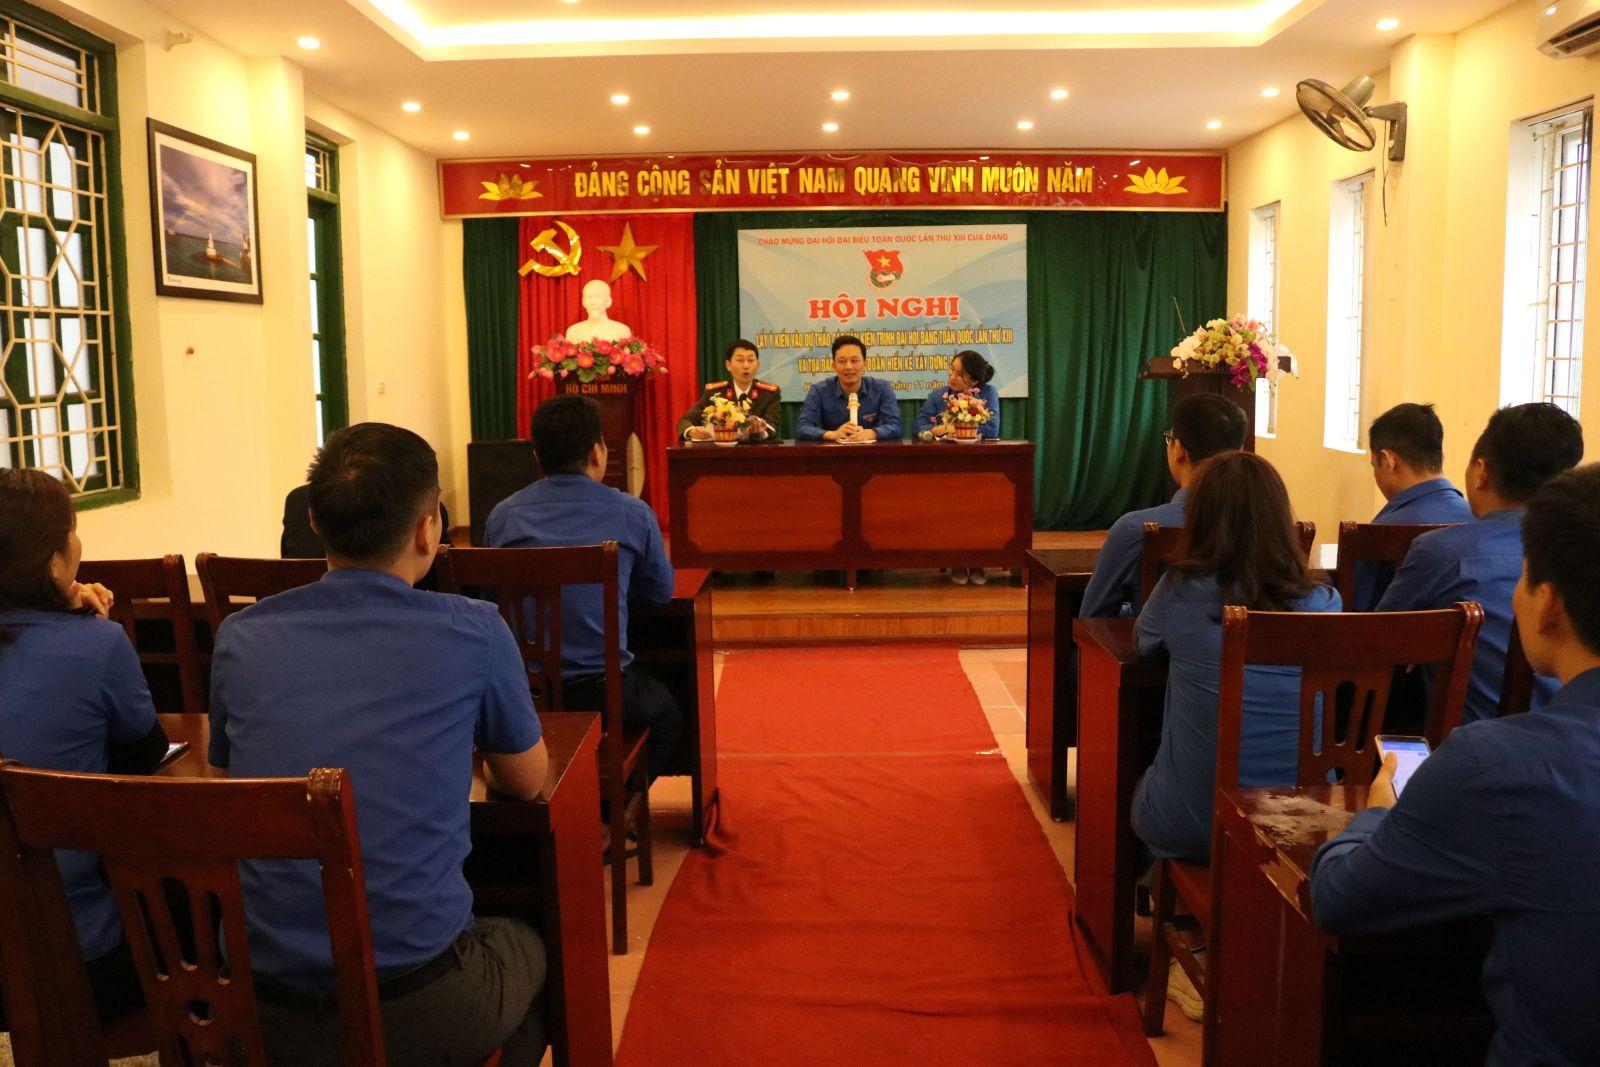 Tỉnh đoàn Hưng Yên tổ chức các hoạt động chào mừng Đại hội Đảng toàn quốc lần thứ XIII